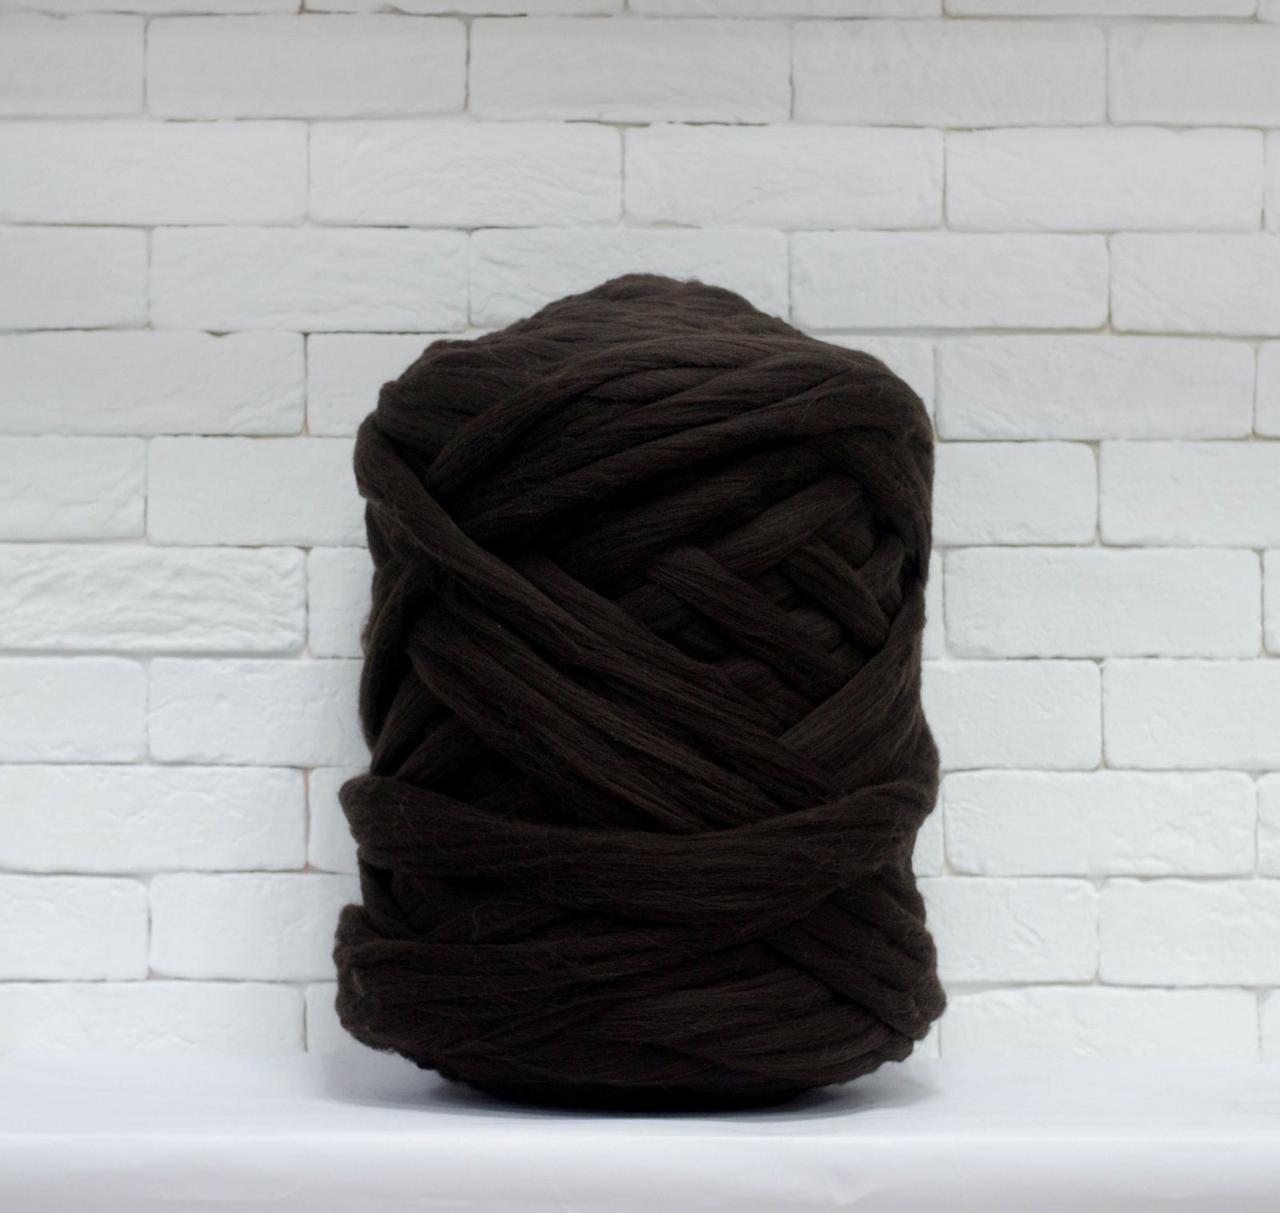 Толстая, крупная пряжа 100% шерсть 1кг (40м). 26 мкрн. Цвет: Кофе. Топс. Лента для пледов